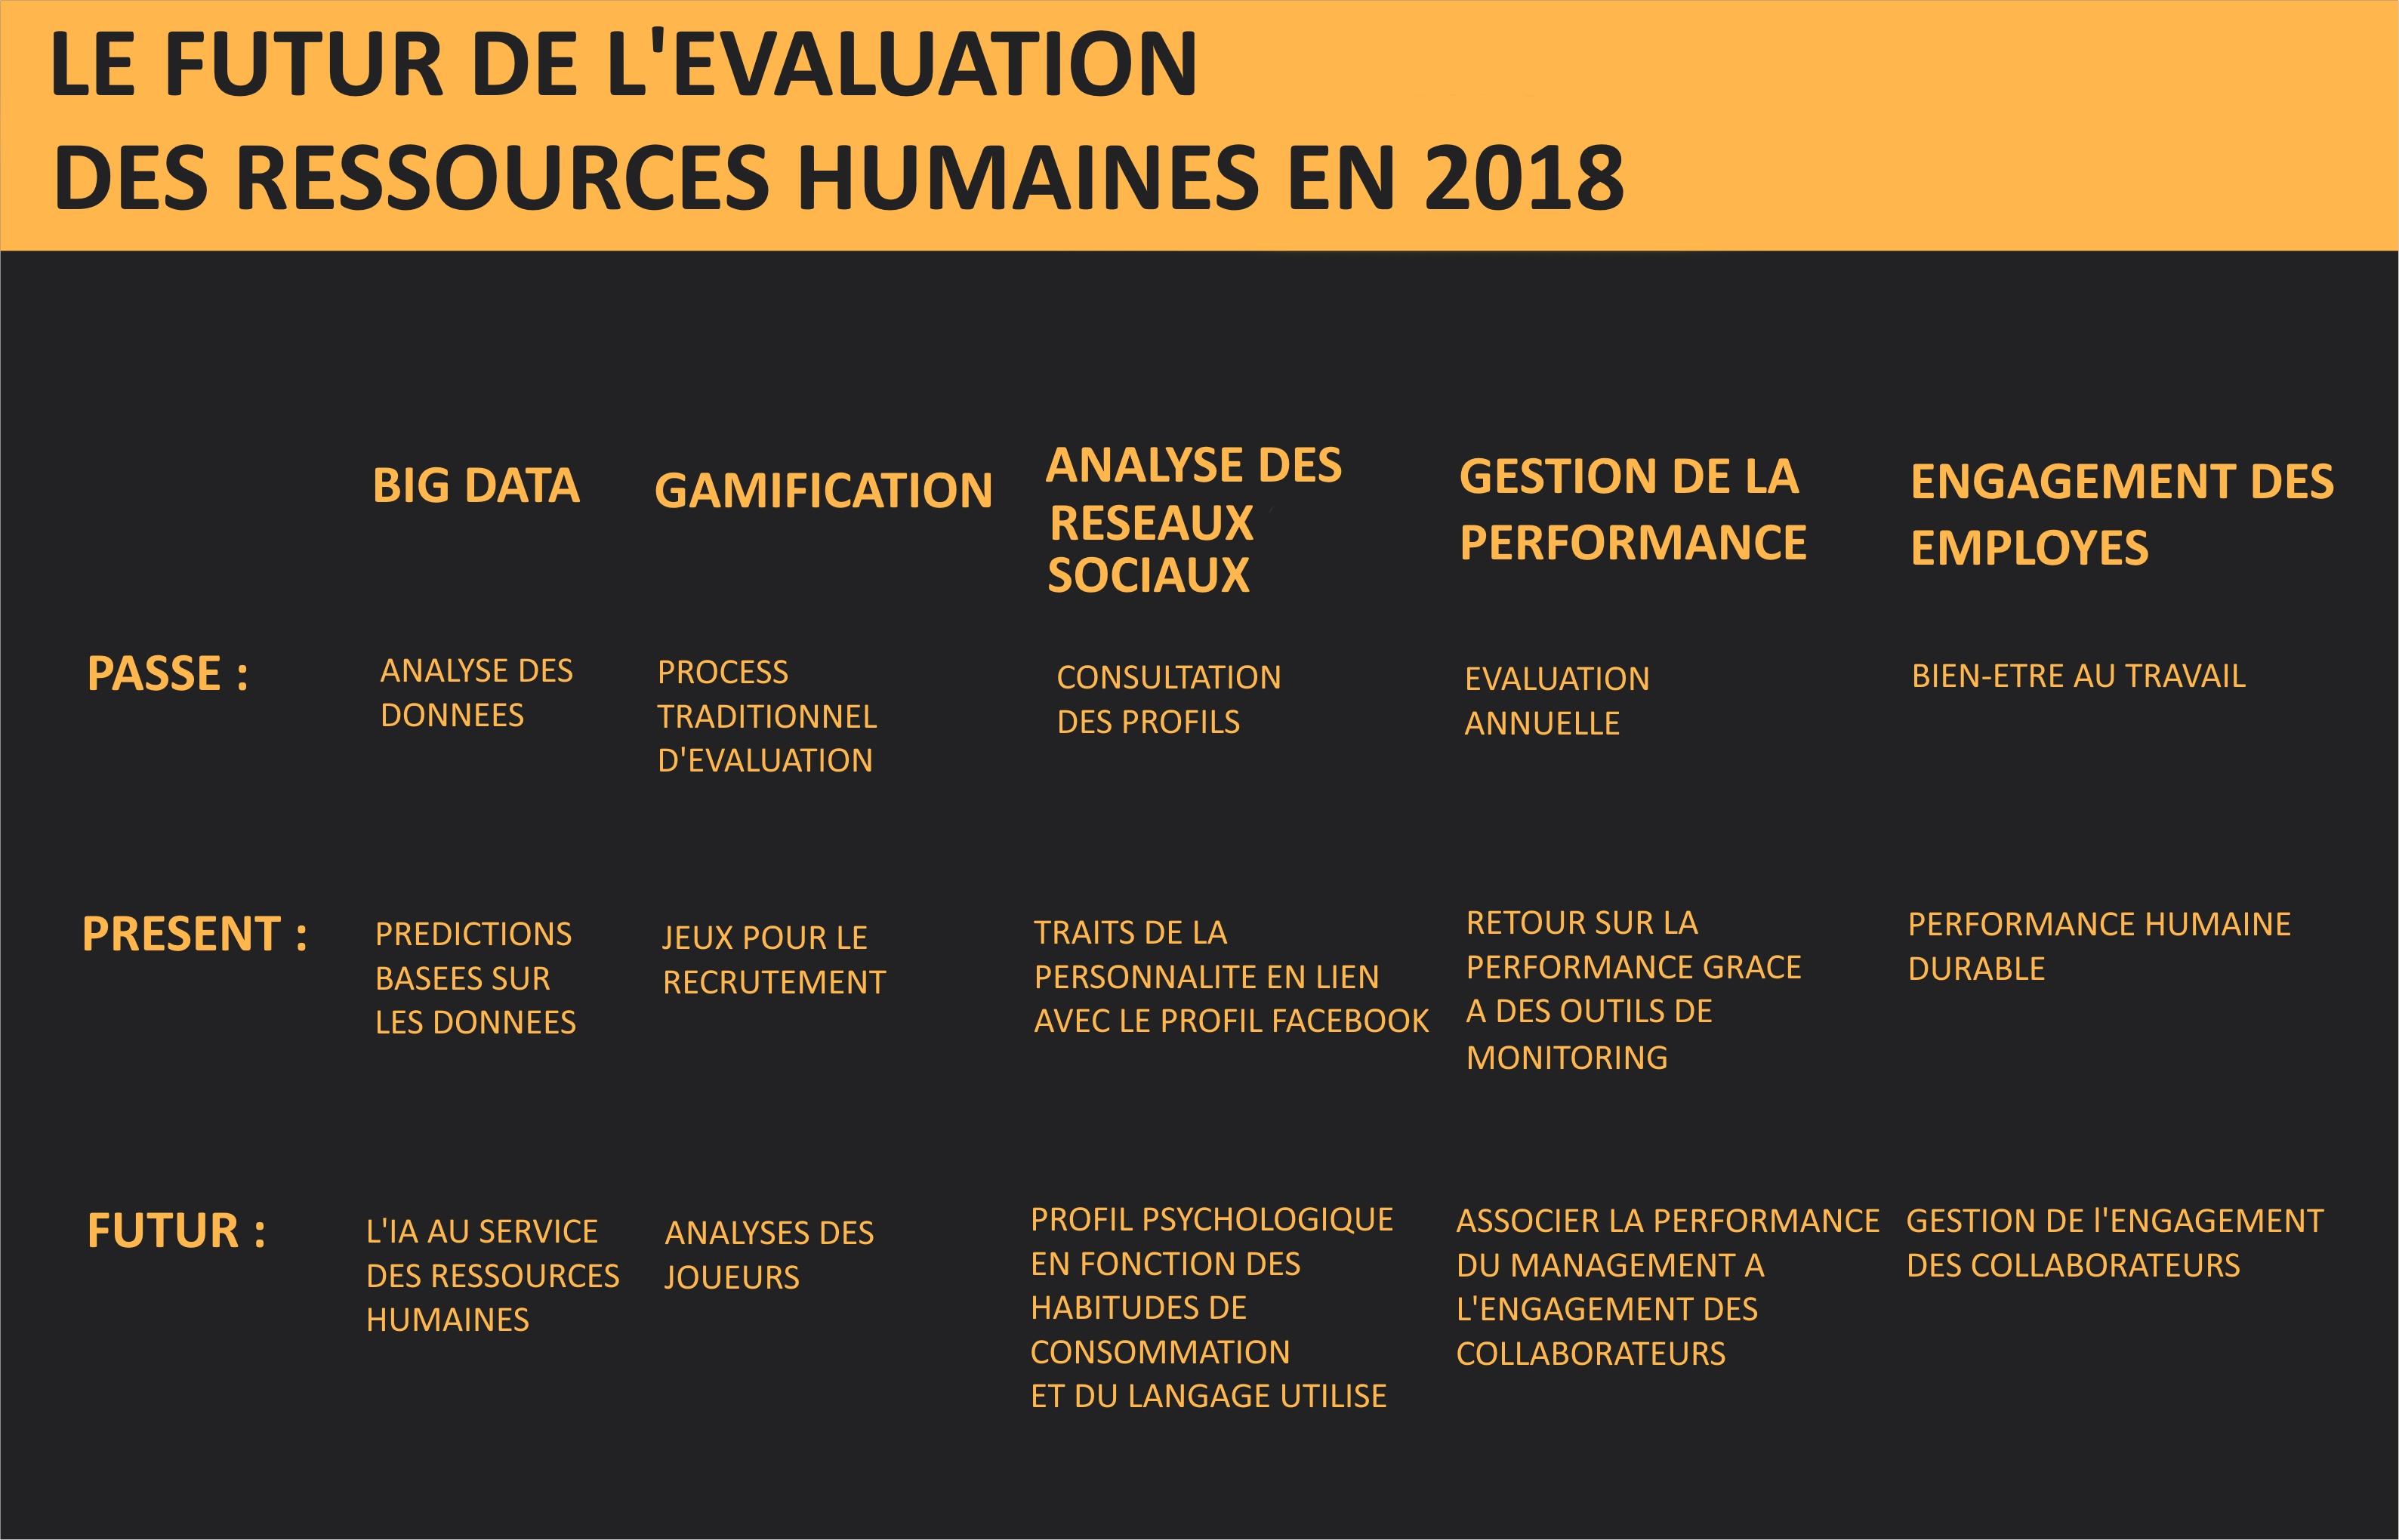 Les évaluations sur le futur des ressources humaines en 2018